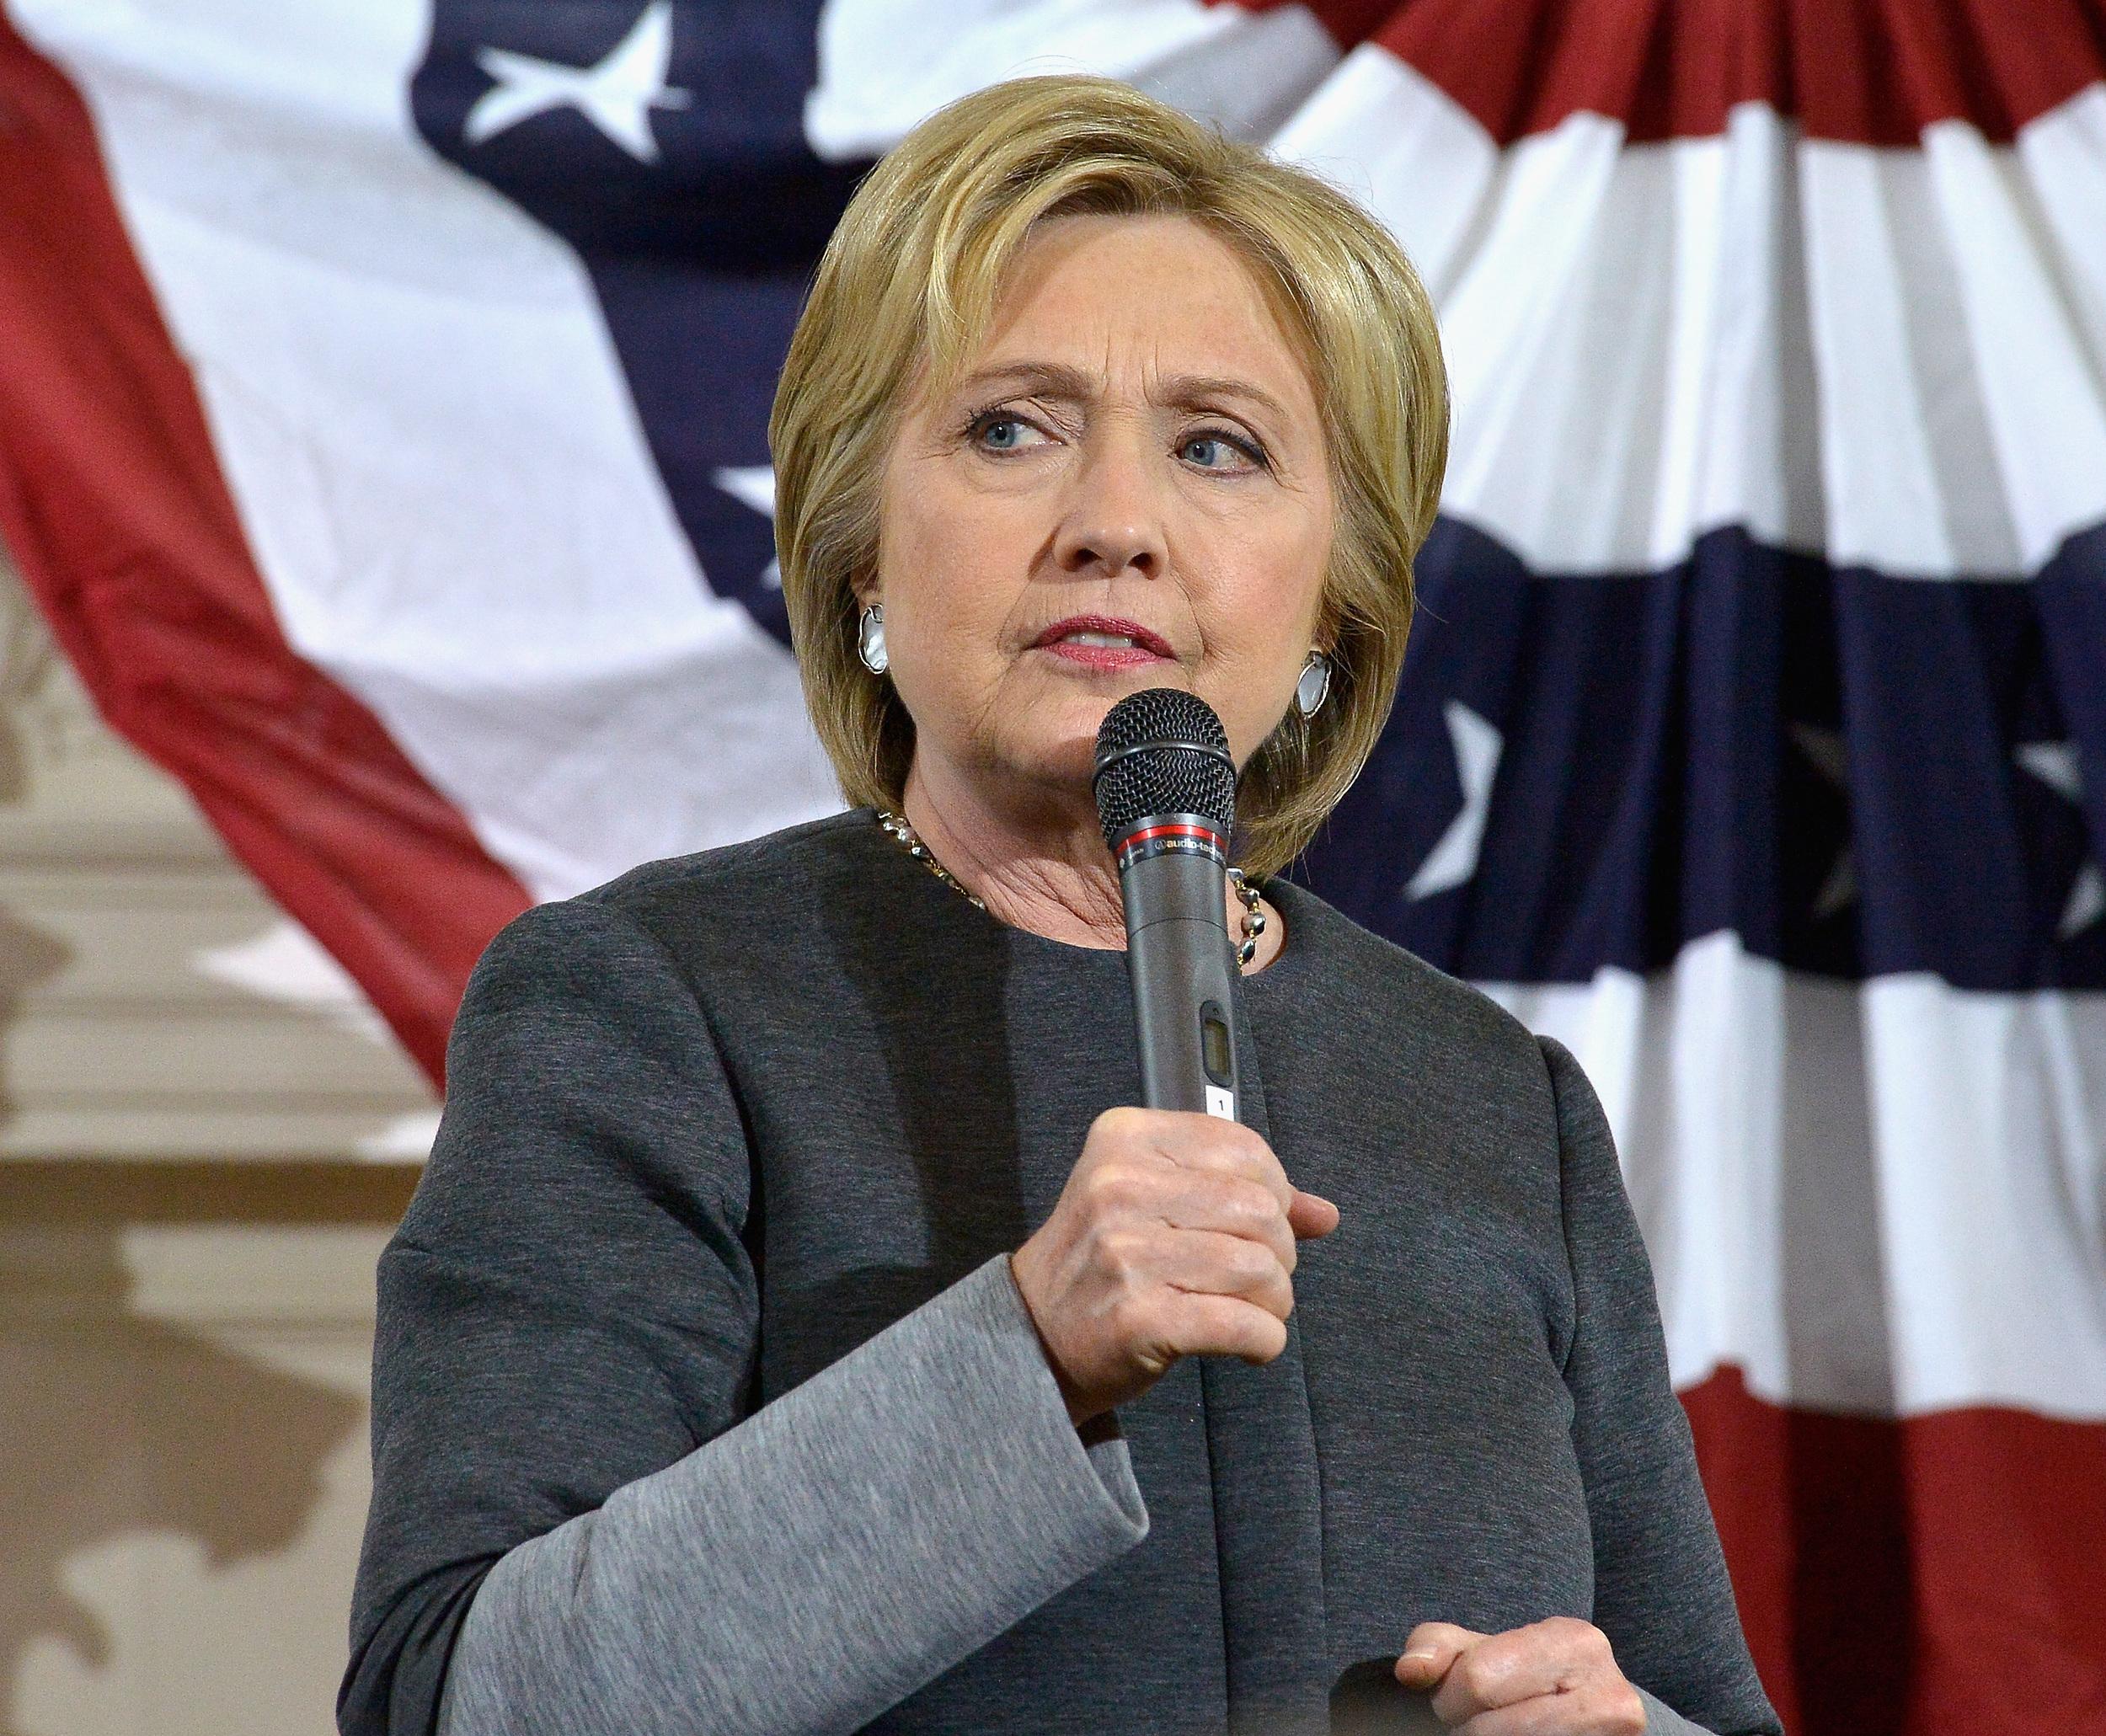 Hillary Clinton Boston February 2016